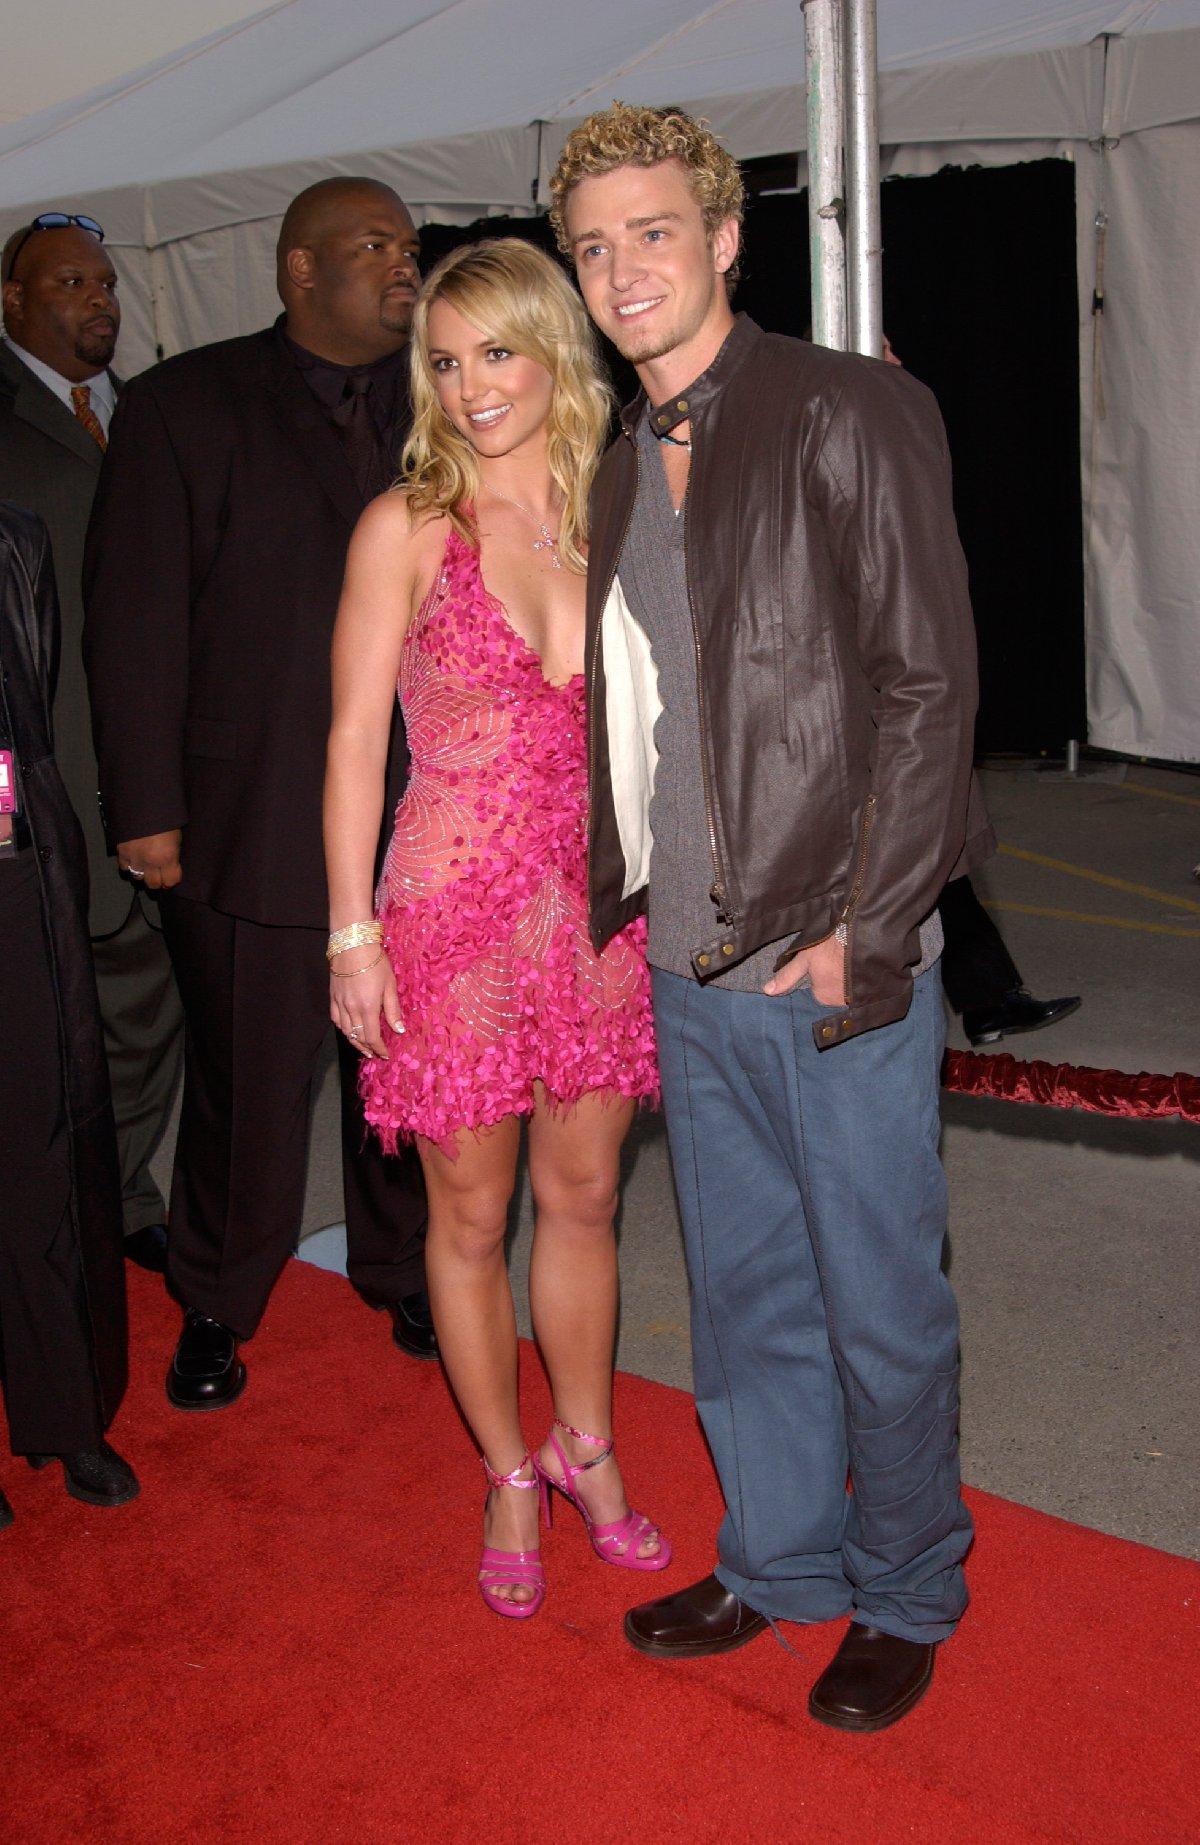 Justin Timberlake'ten Britney Spears'a yıllar sonra özür: Benden faydalandılar